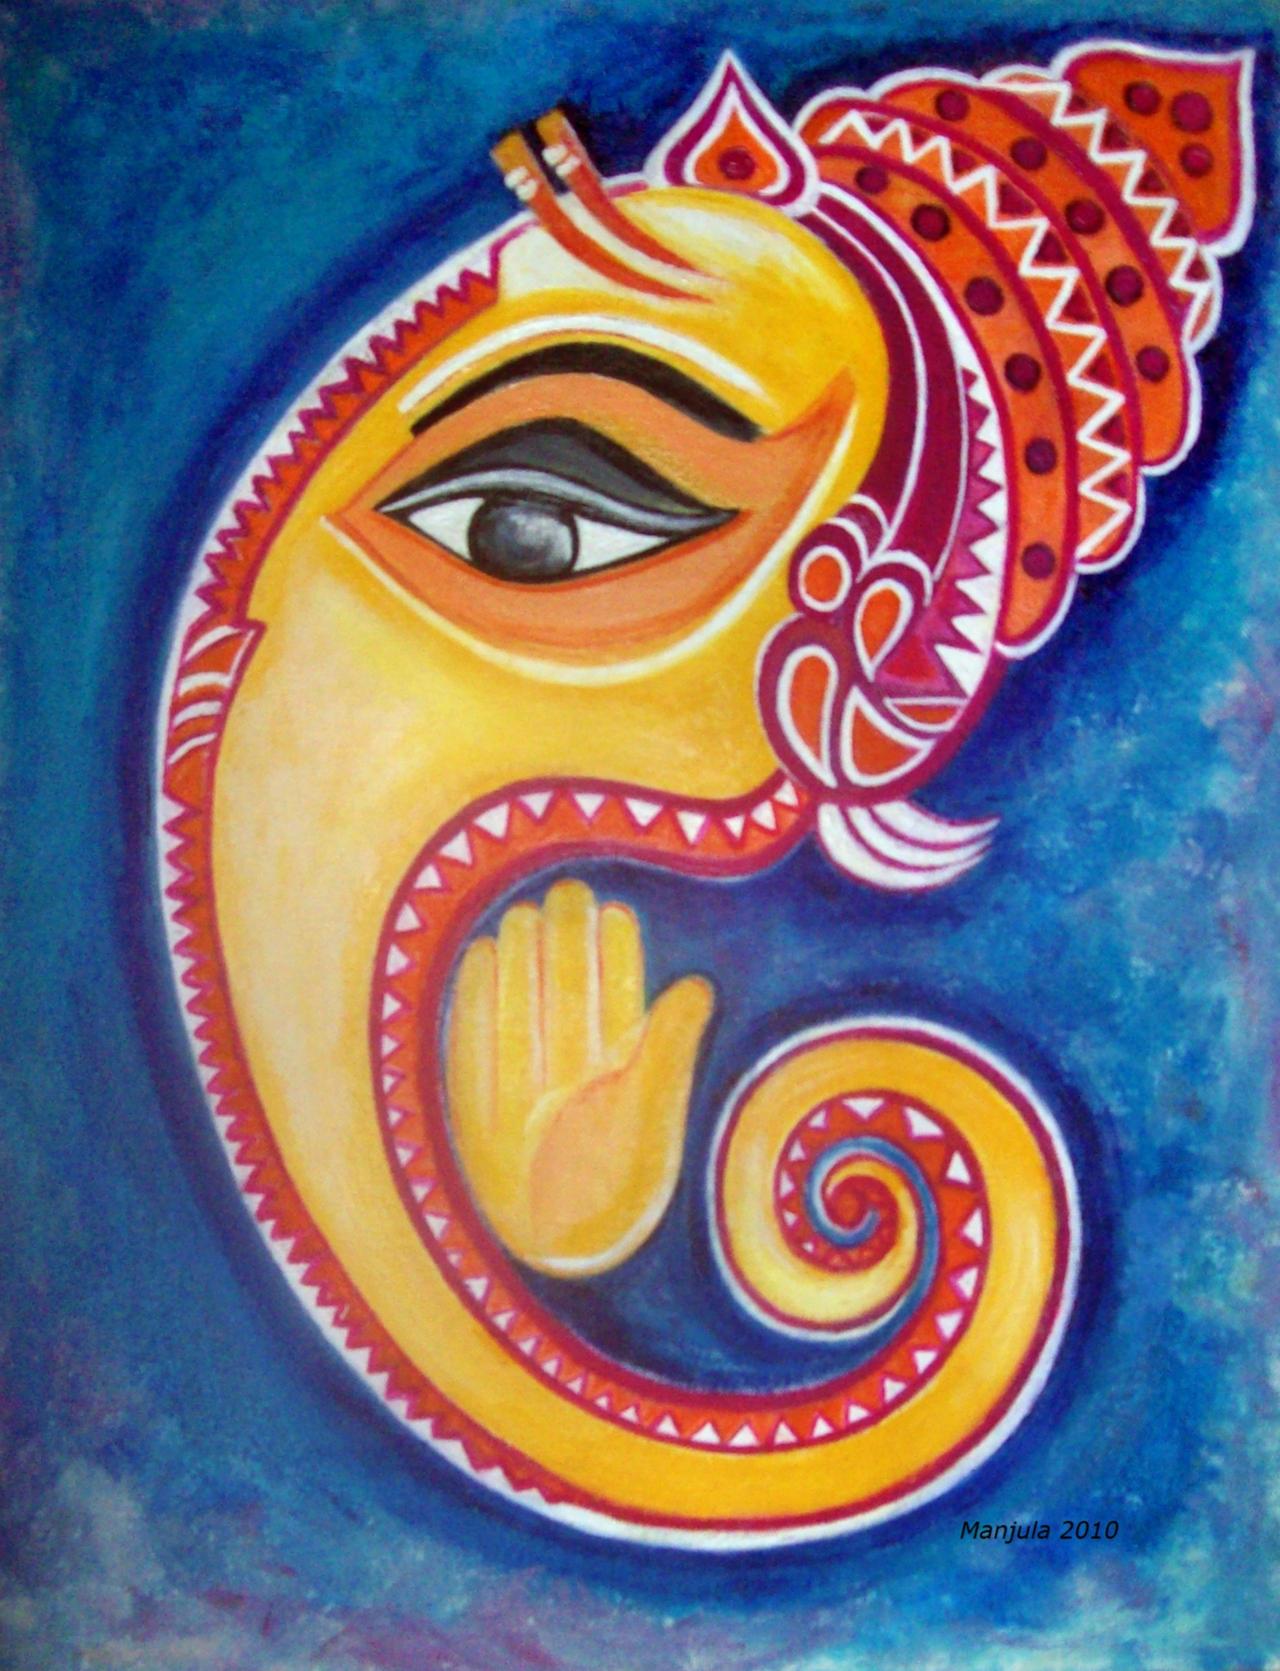 Lord Ganesha Paintings Using Marathi Fonts